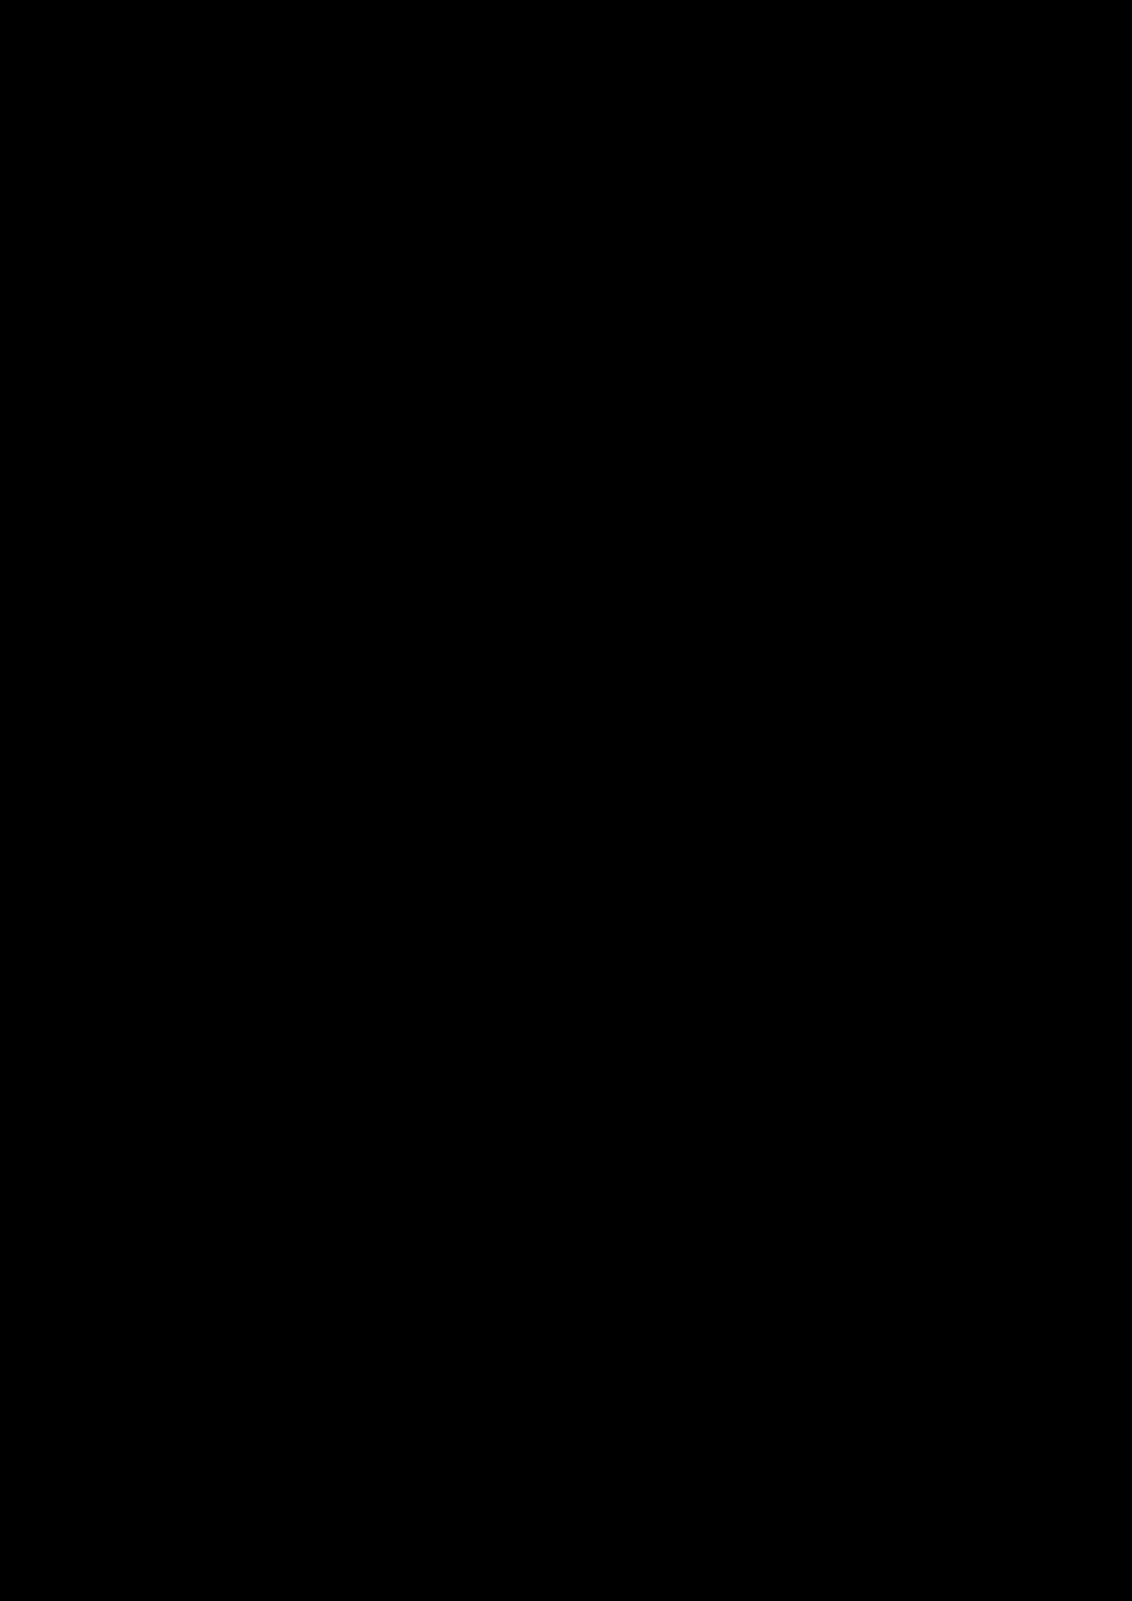 Vyibor Est slide, Image 65